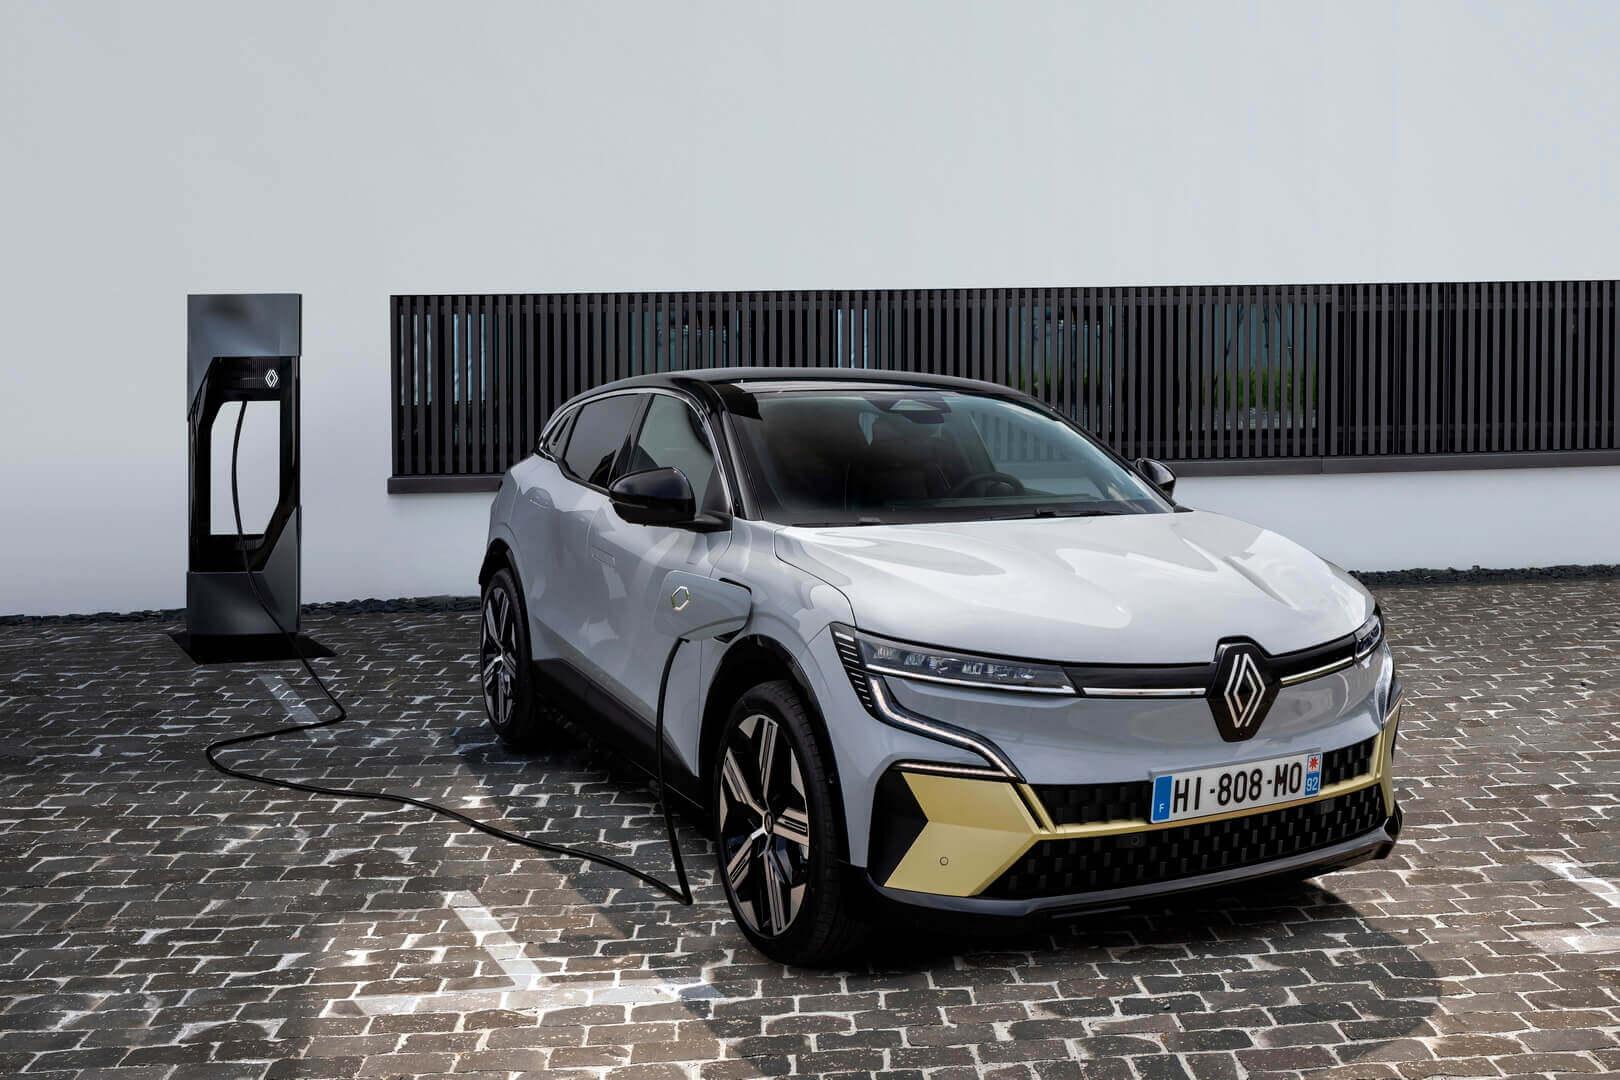 Компания Renault официально представила новый Megane E-TECH Electric на выставке IAA Mobility 2021